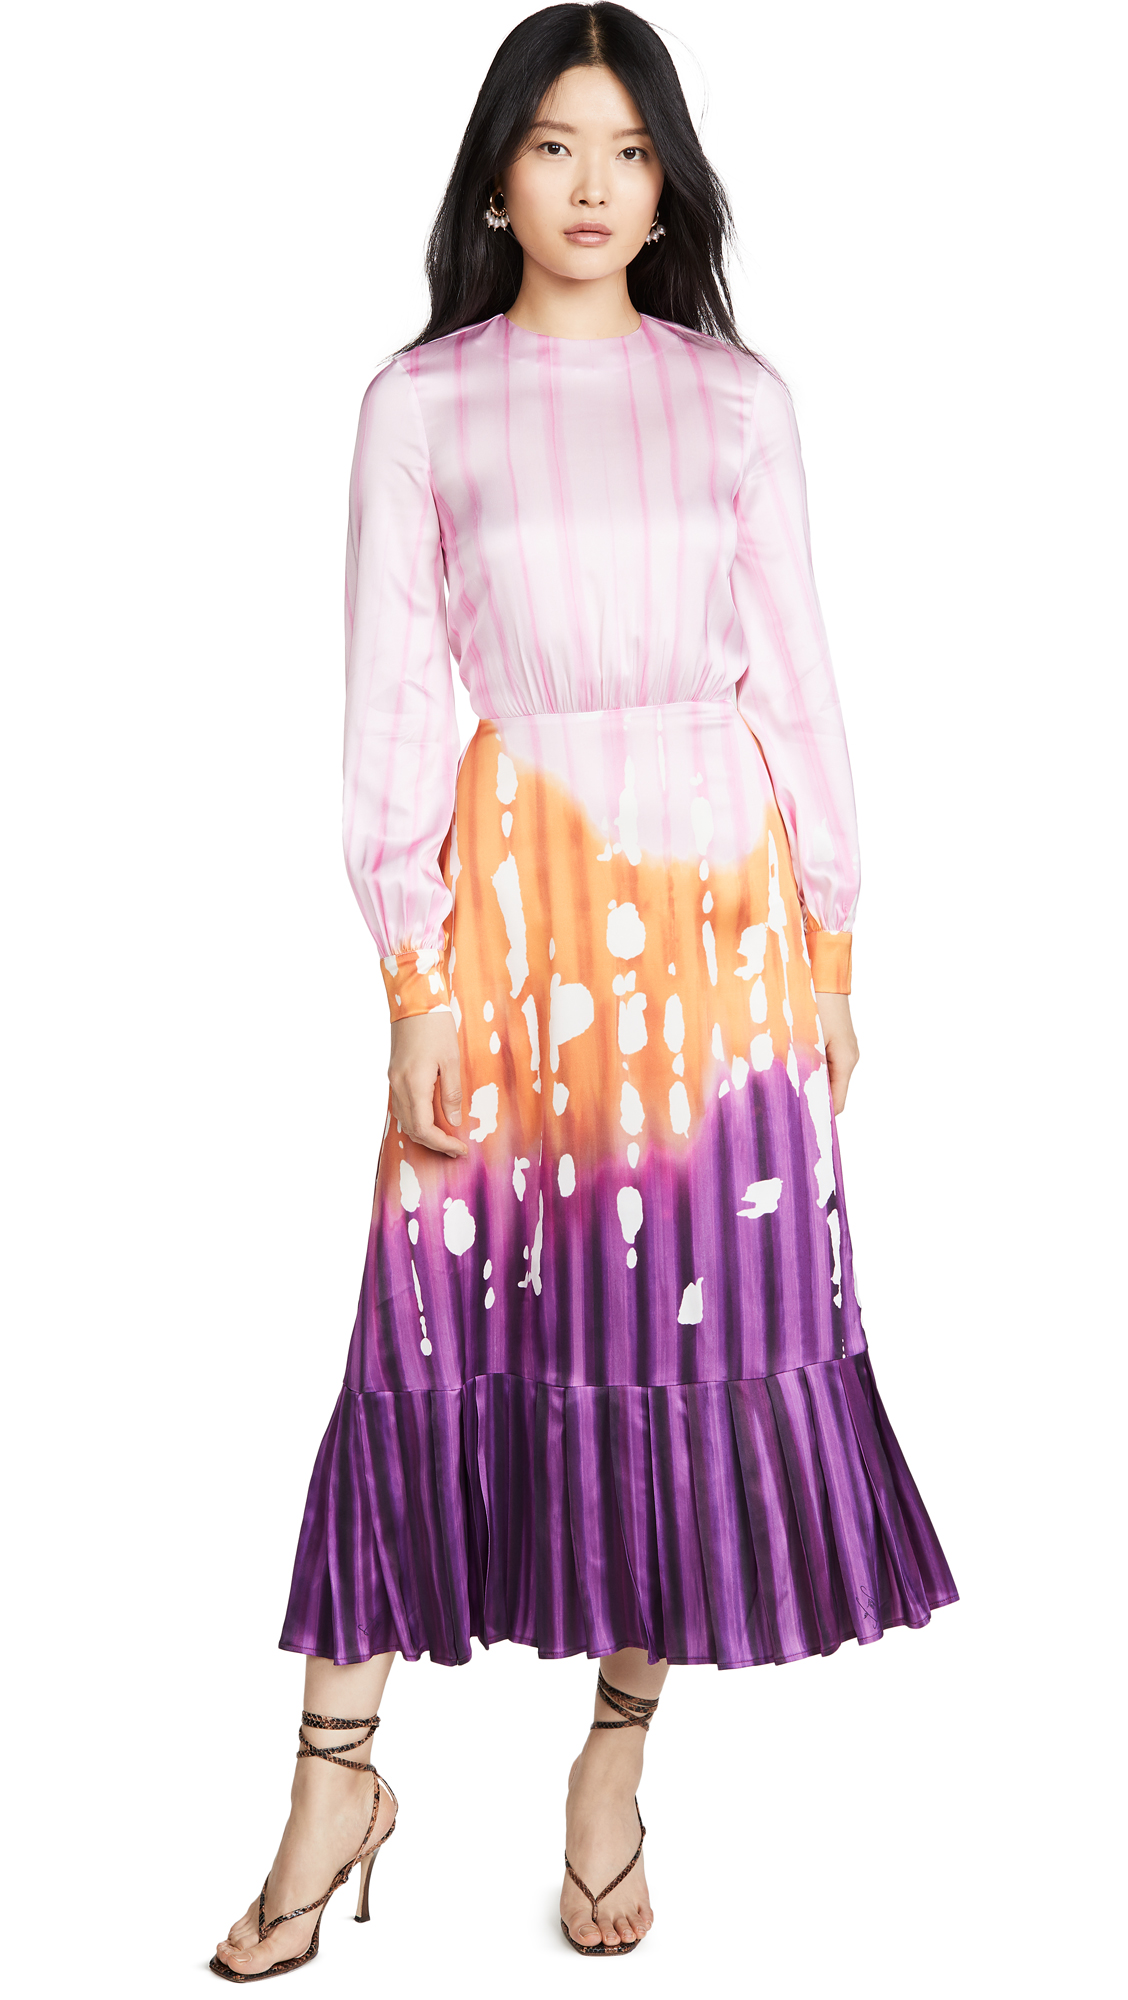 Stella Jean Cady Iris Dress - 40% Off Sale